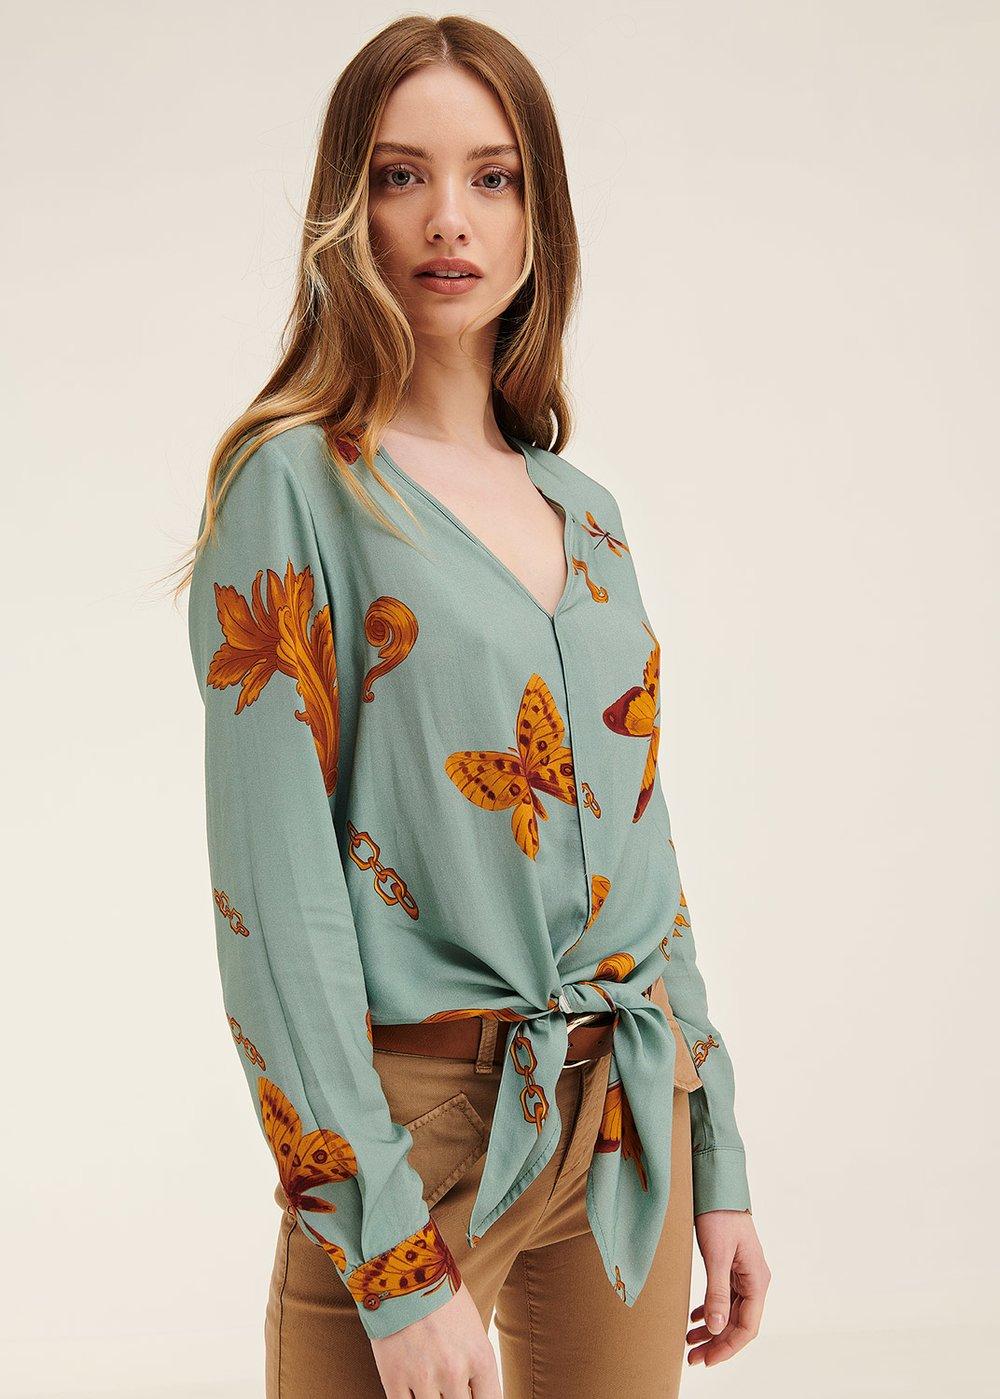 Chery shirt with butterfly pattern - Argilla /  Papaya Fantasia - Woman